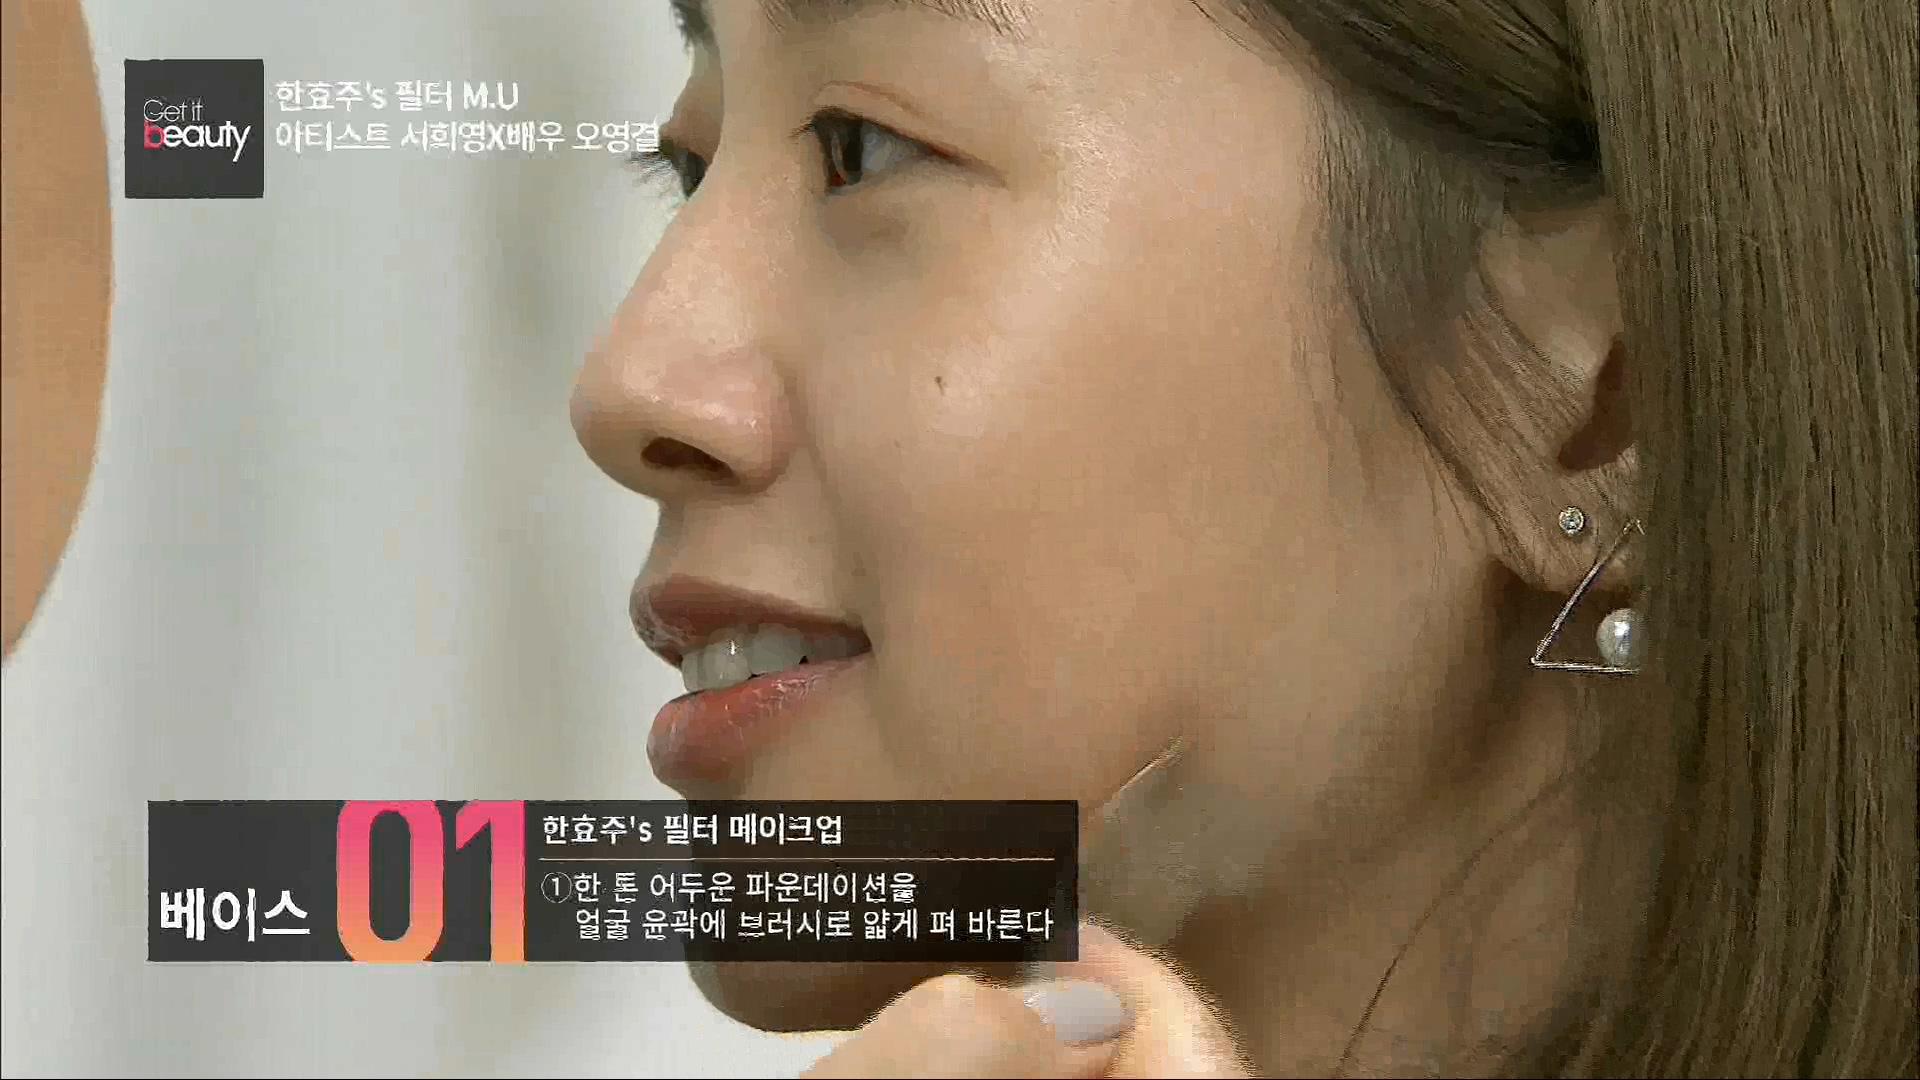 한효주's 필터 메이크업 #베이스 한 톤 어두운 파운데이션을 얼굴 윤곽에 브러시로 얇게 펴 바른다